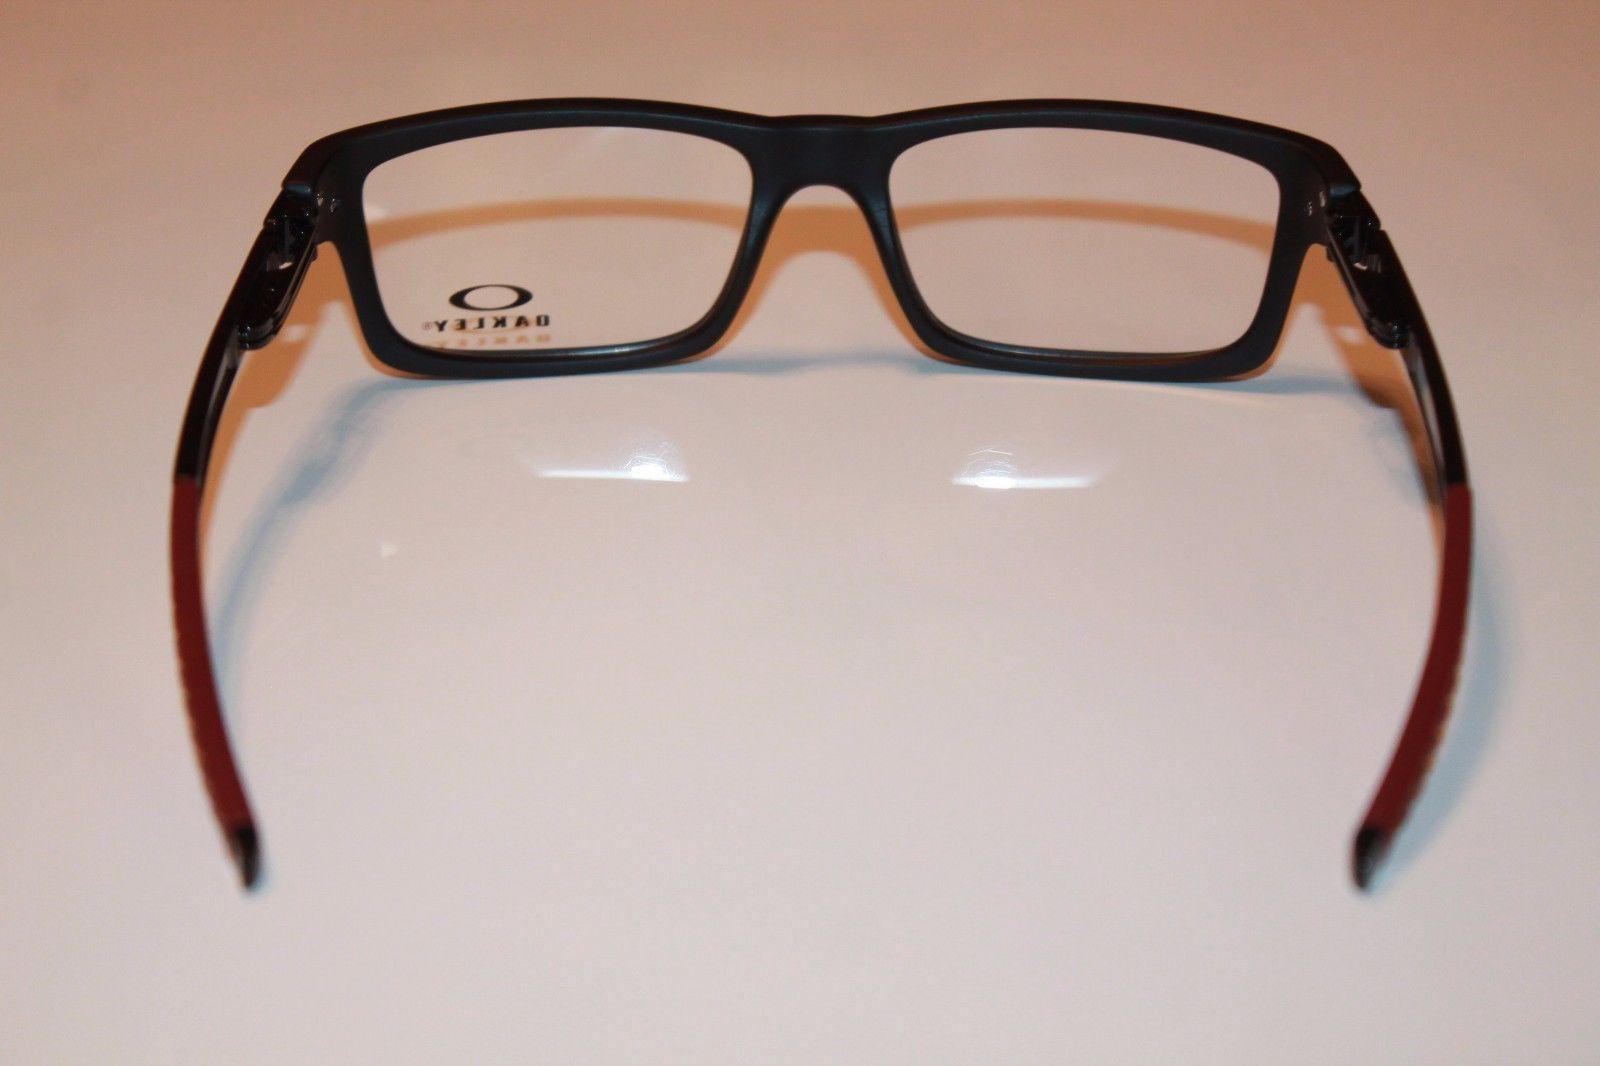 31b2c6bac49 Oakley CURRENCY Eyeglasses OX8026-1254 Satin Black 54 17 133 Rx Eyewear -